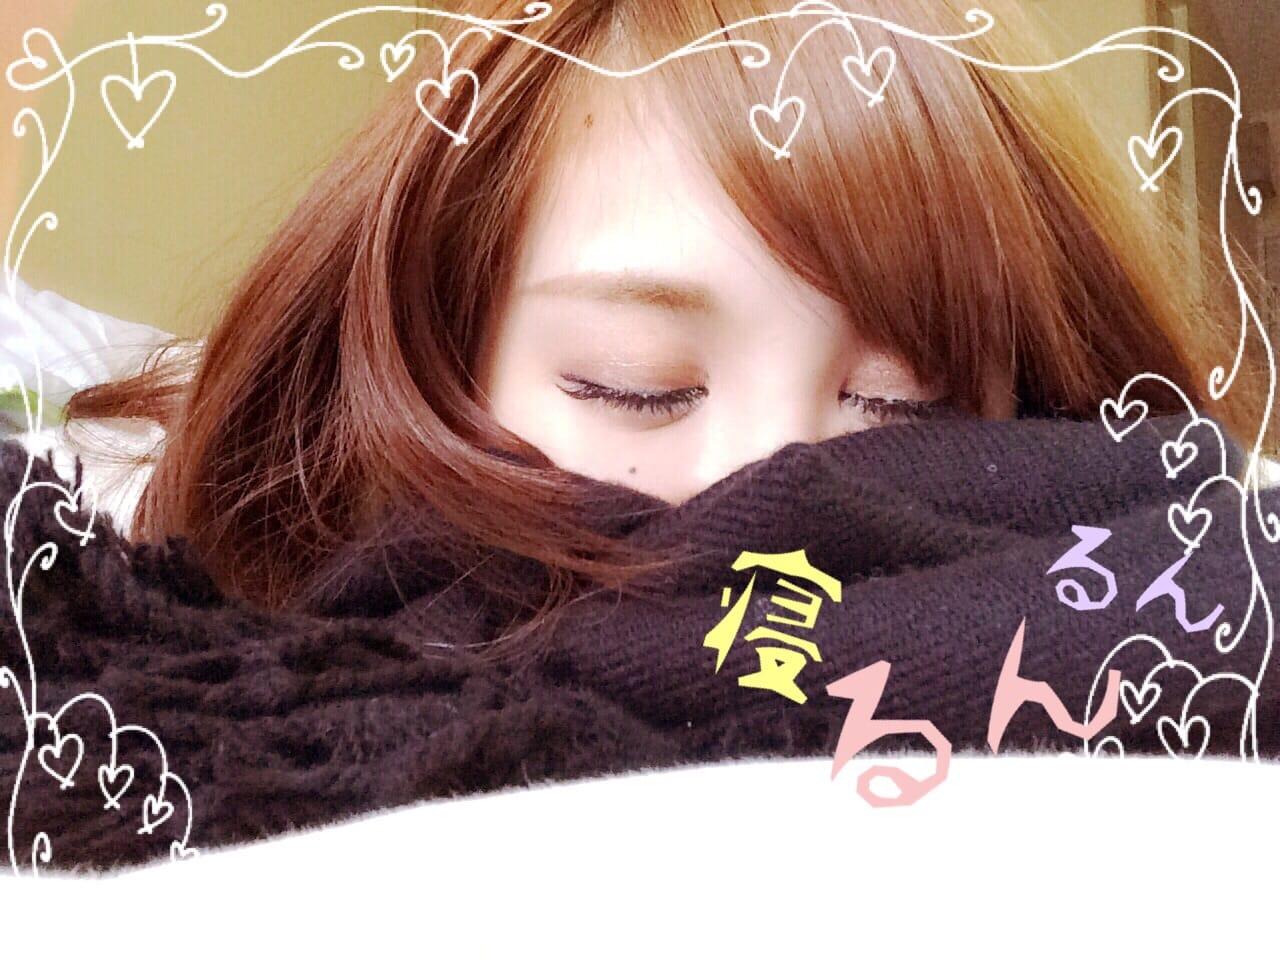 「ありがとうございました(*^^*)LaLa...♪*」01/24(01/24) 03:07 | LALAの写メ・風俗動画